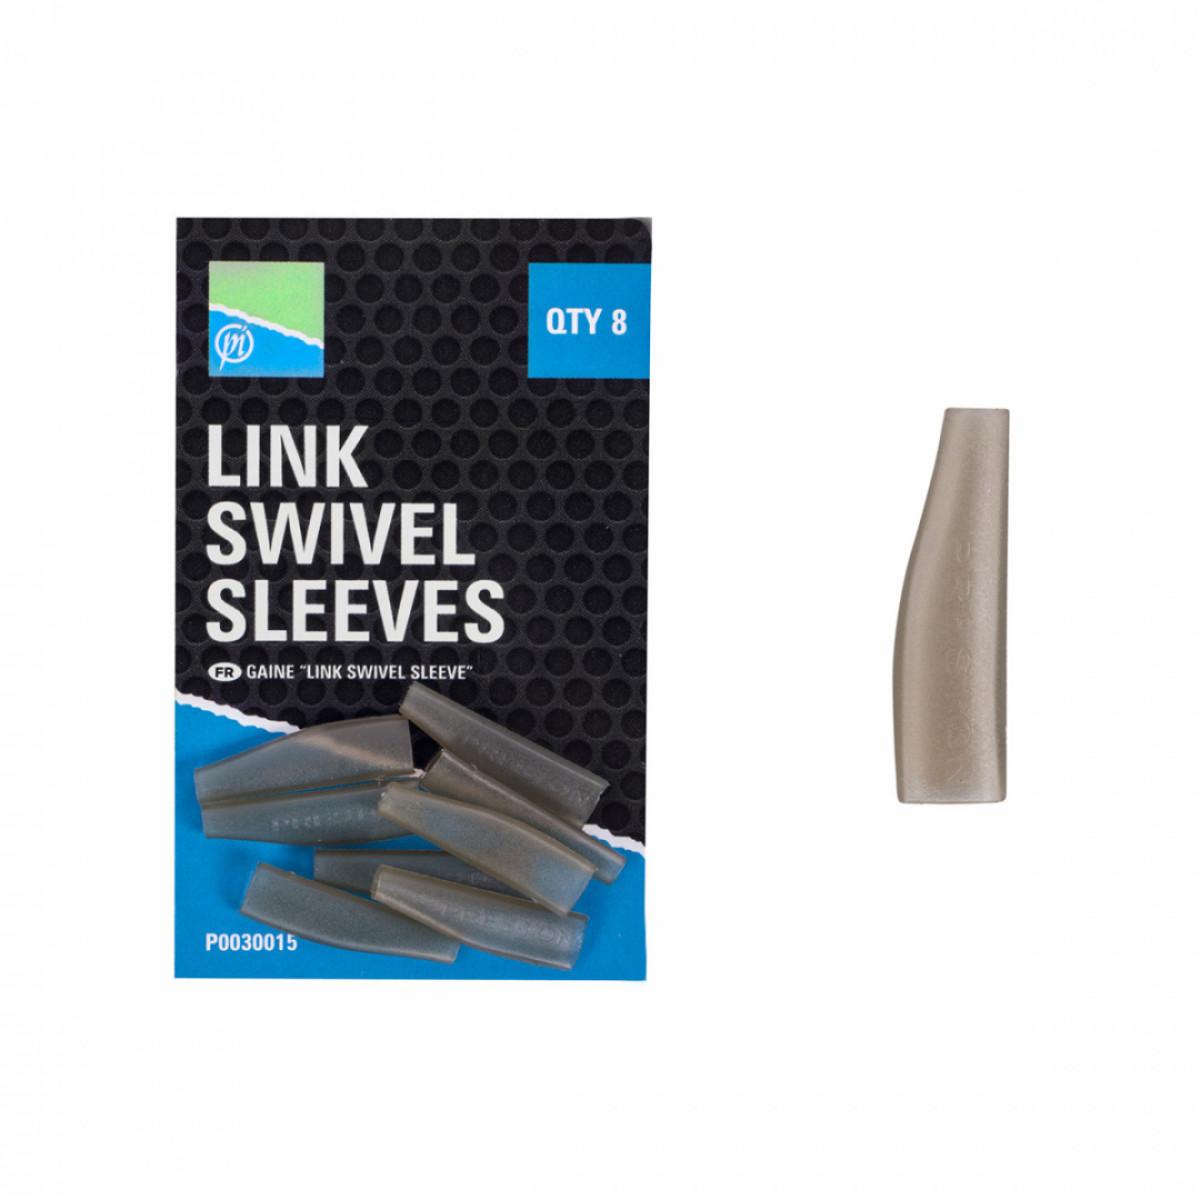 Link Swivel Sleeves